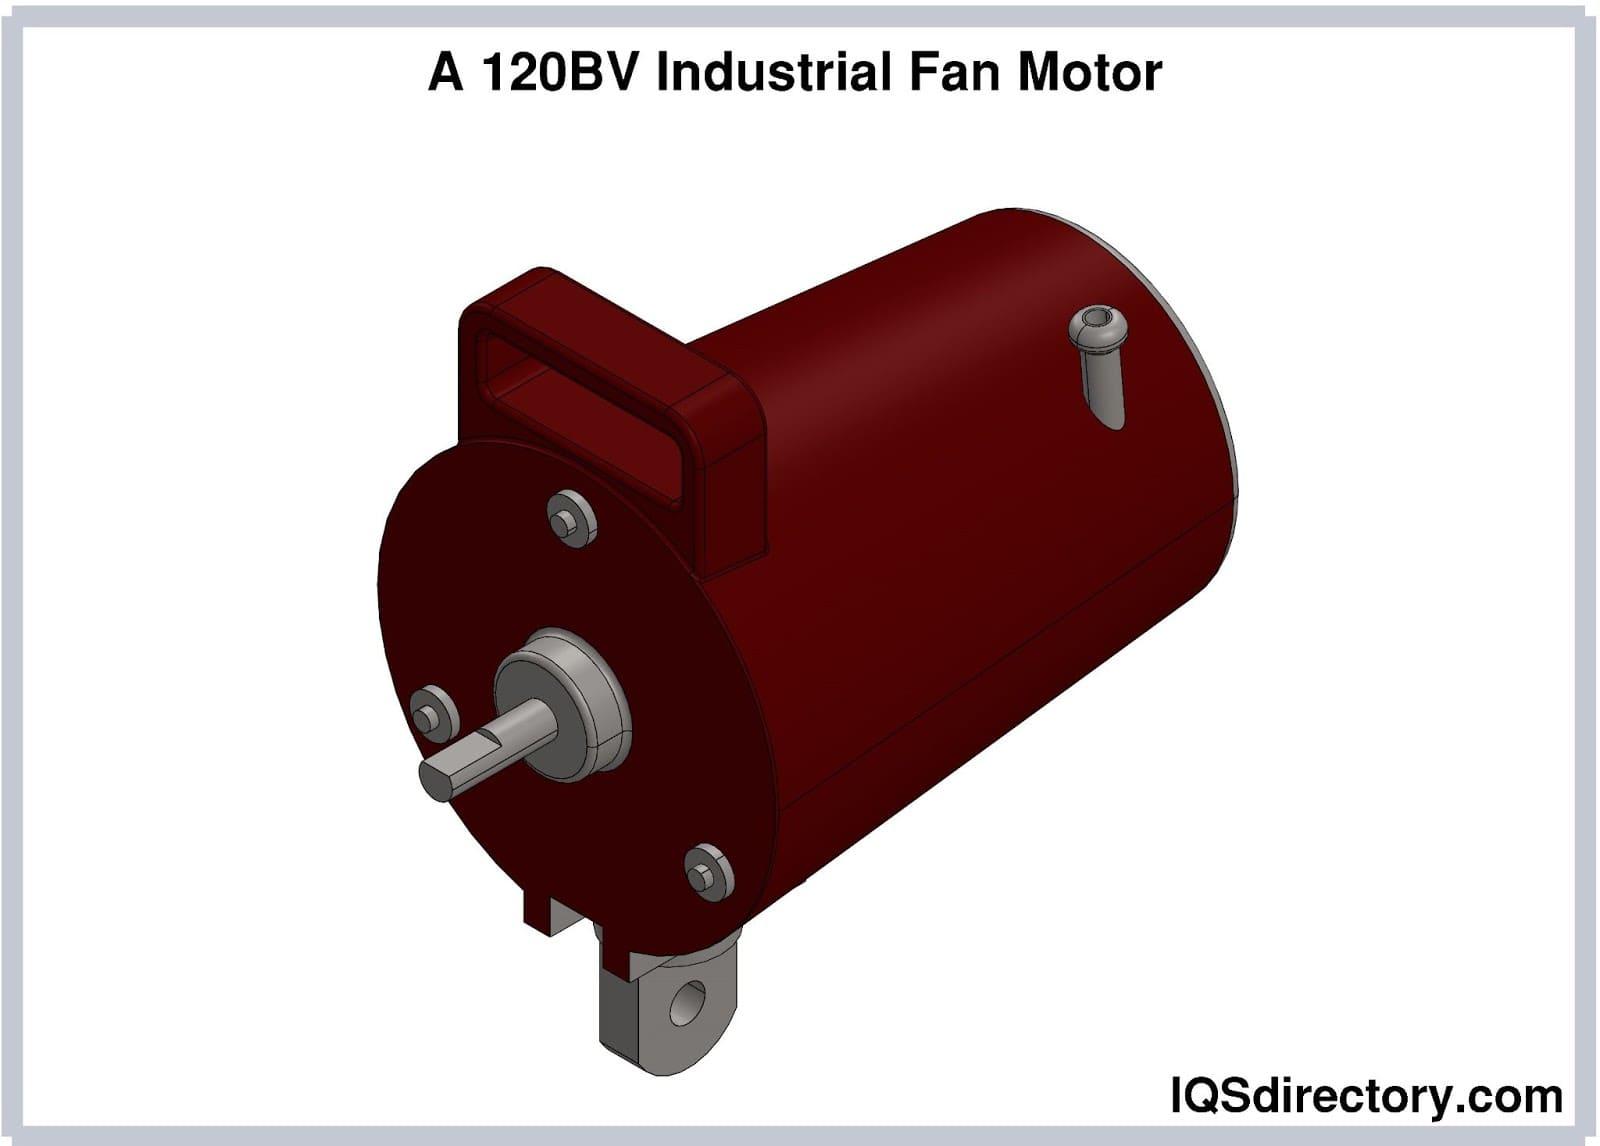 A 120BV Industrial Fan Motor